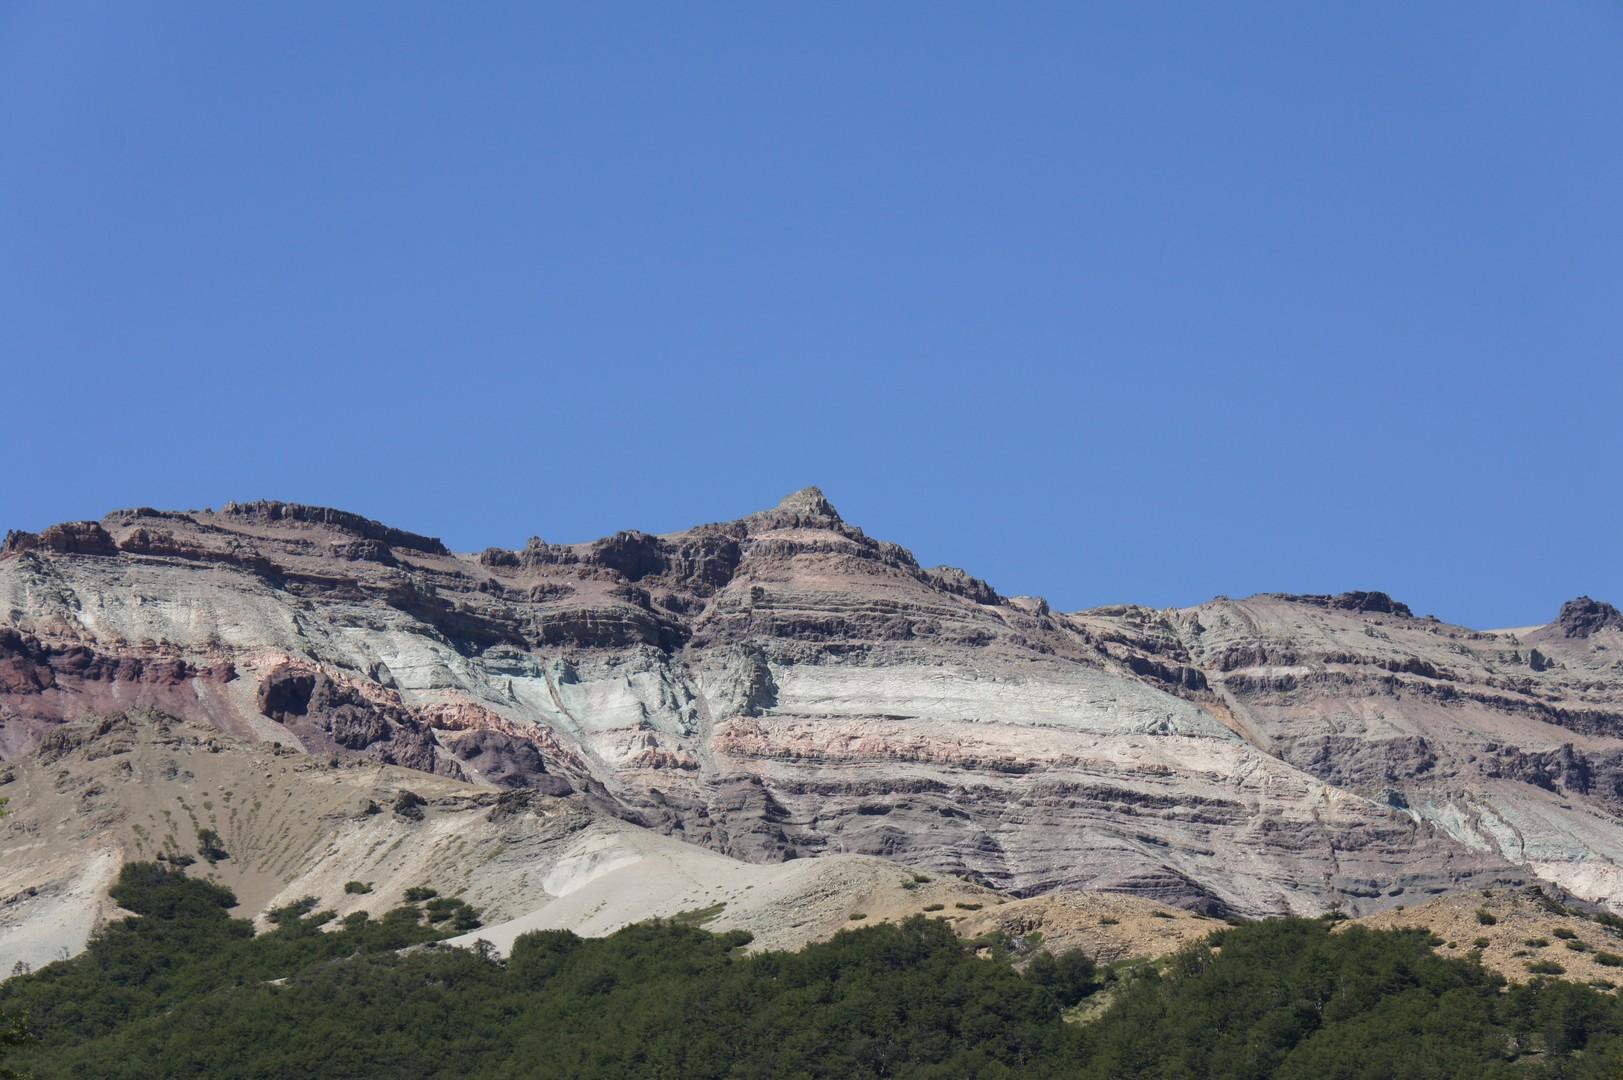 Es ging immer wieder durch Täler und eine imposante Bergkette.